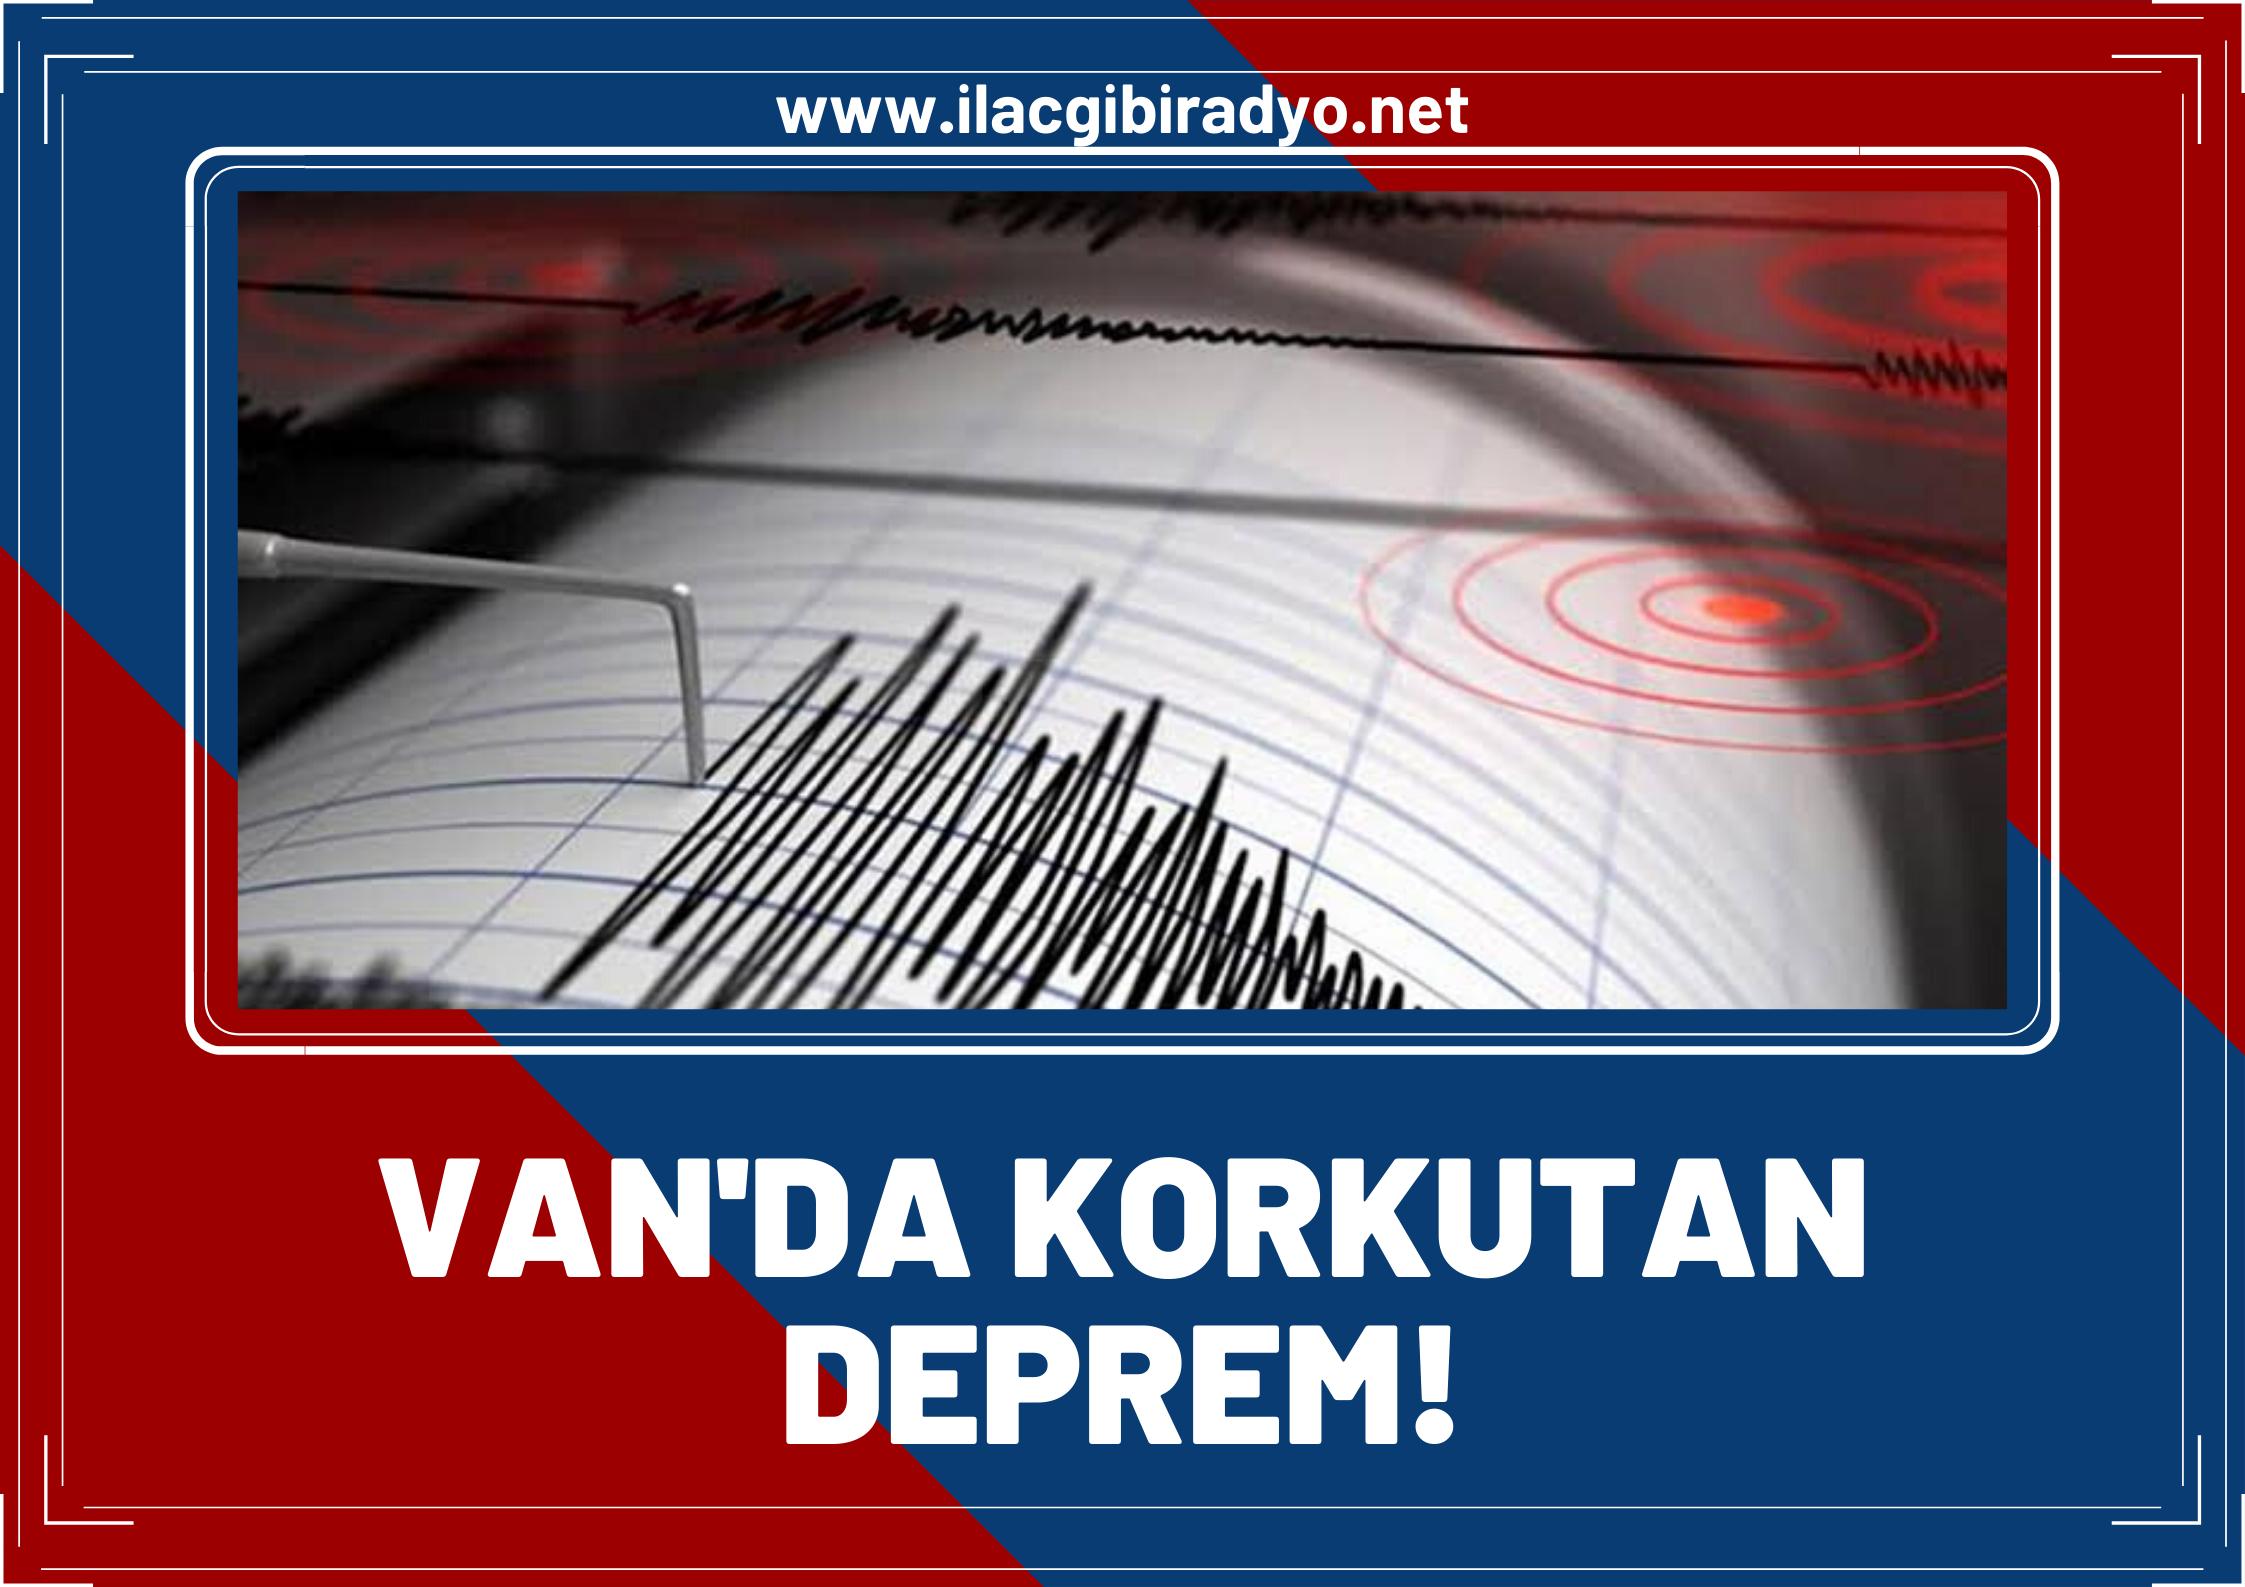 Van'da korkutan deprem... Van son 1 saatte art arda 7 depremle sarsıldı